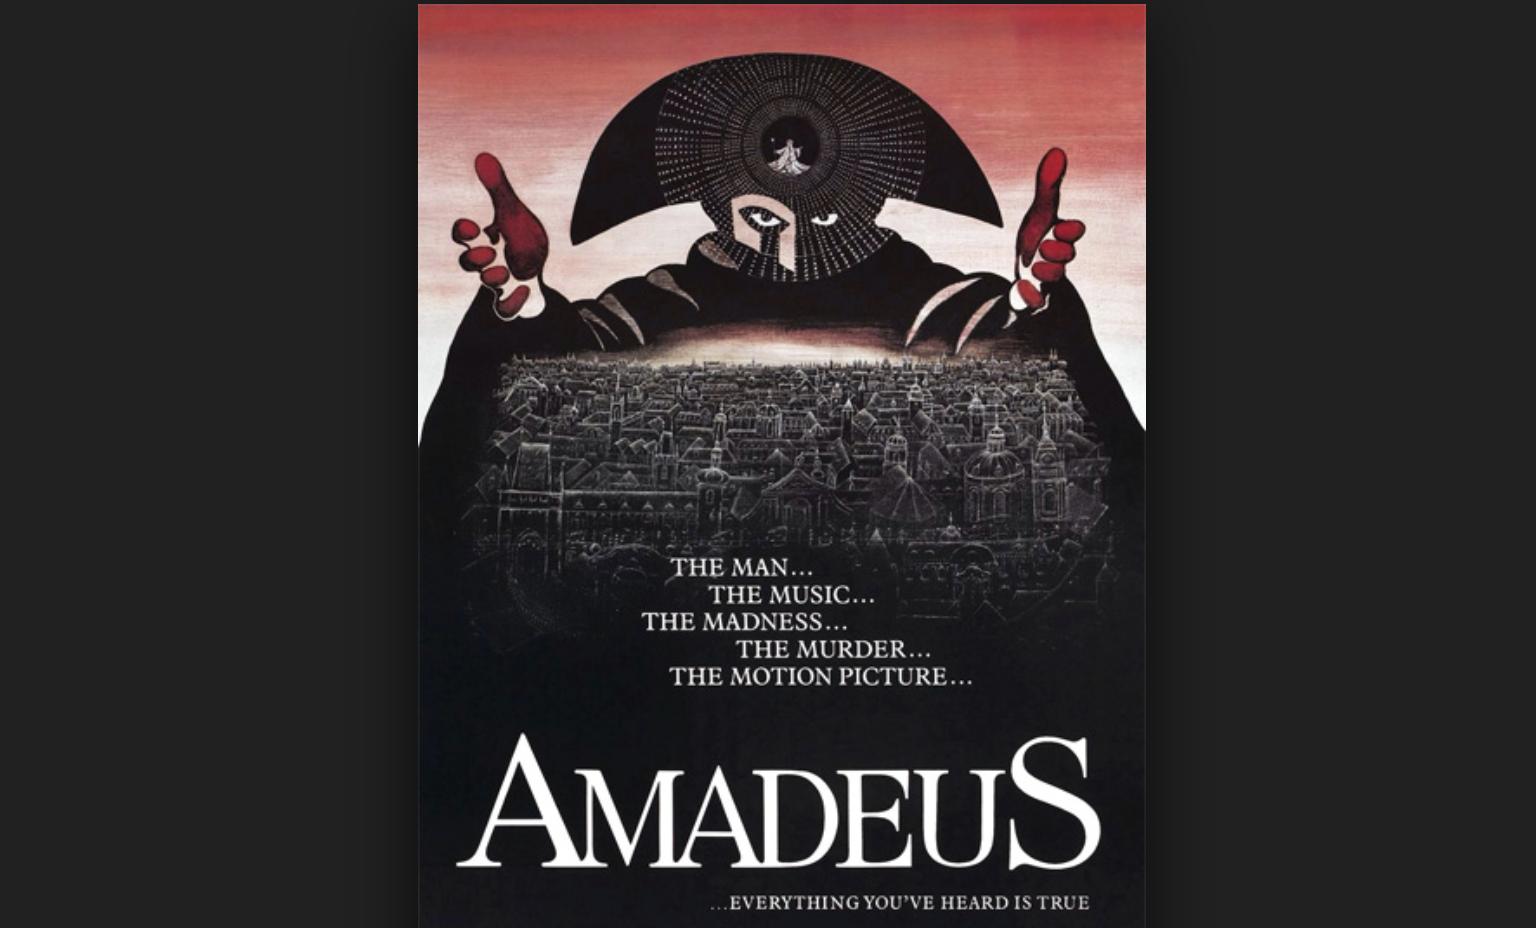 آماديوس